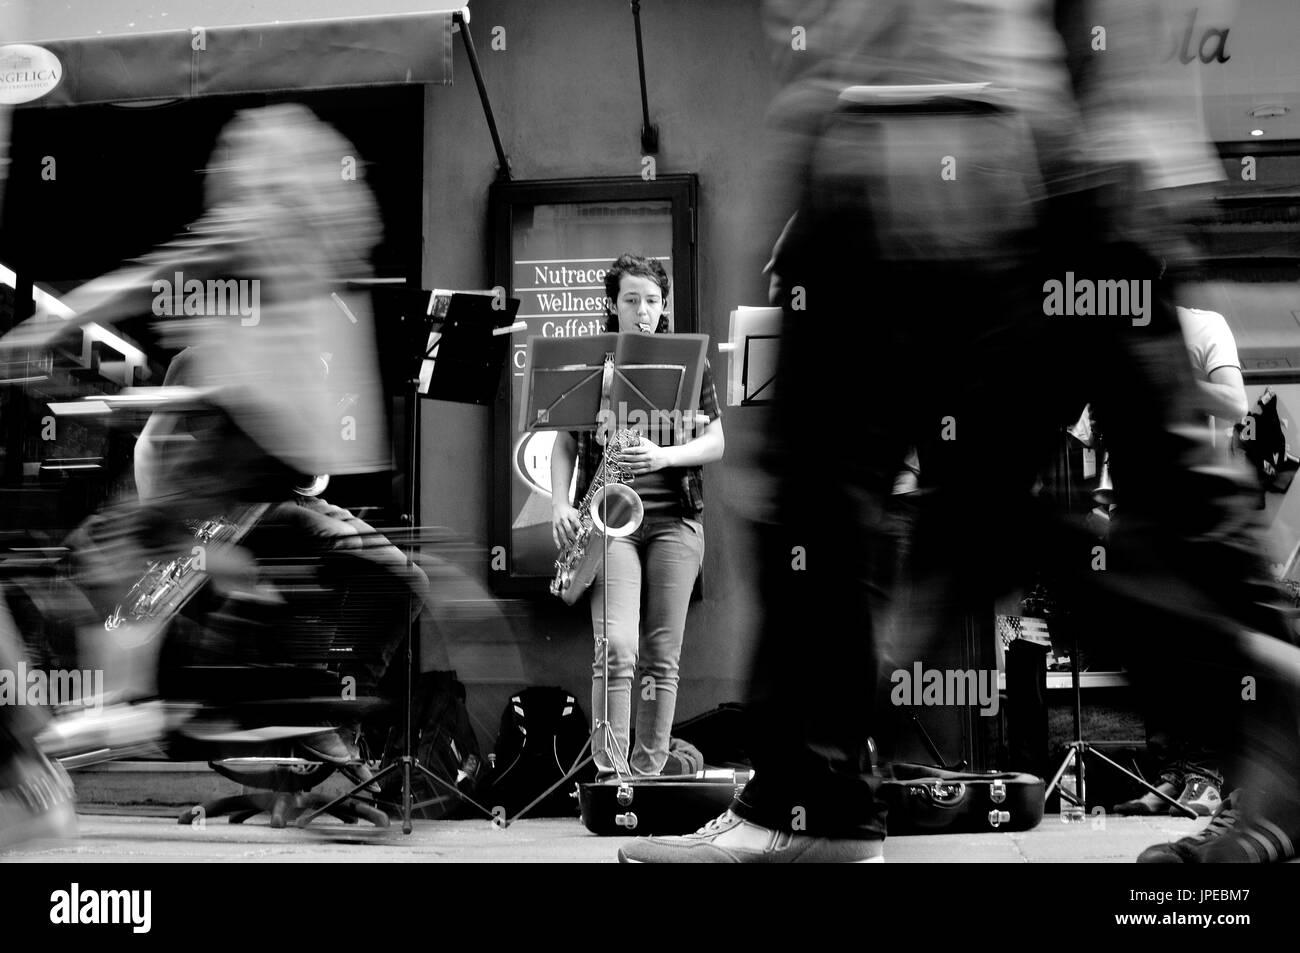 La photographie de rue de Bologne. Musiciens sur la rue en face de la fonction publique en mouvement. Photo Stock